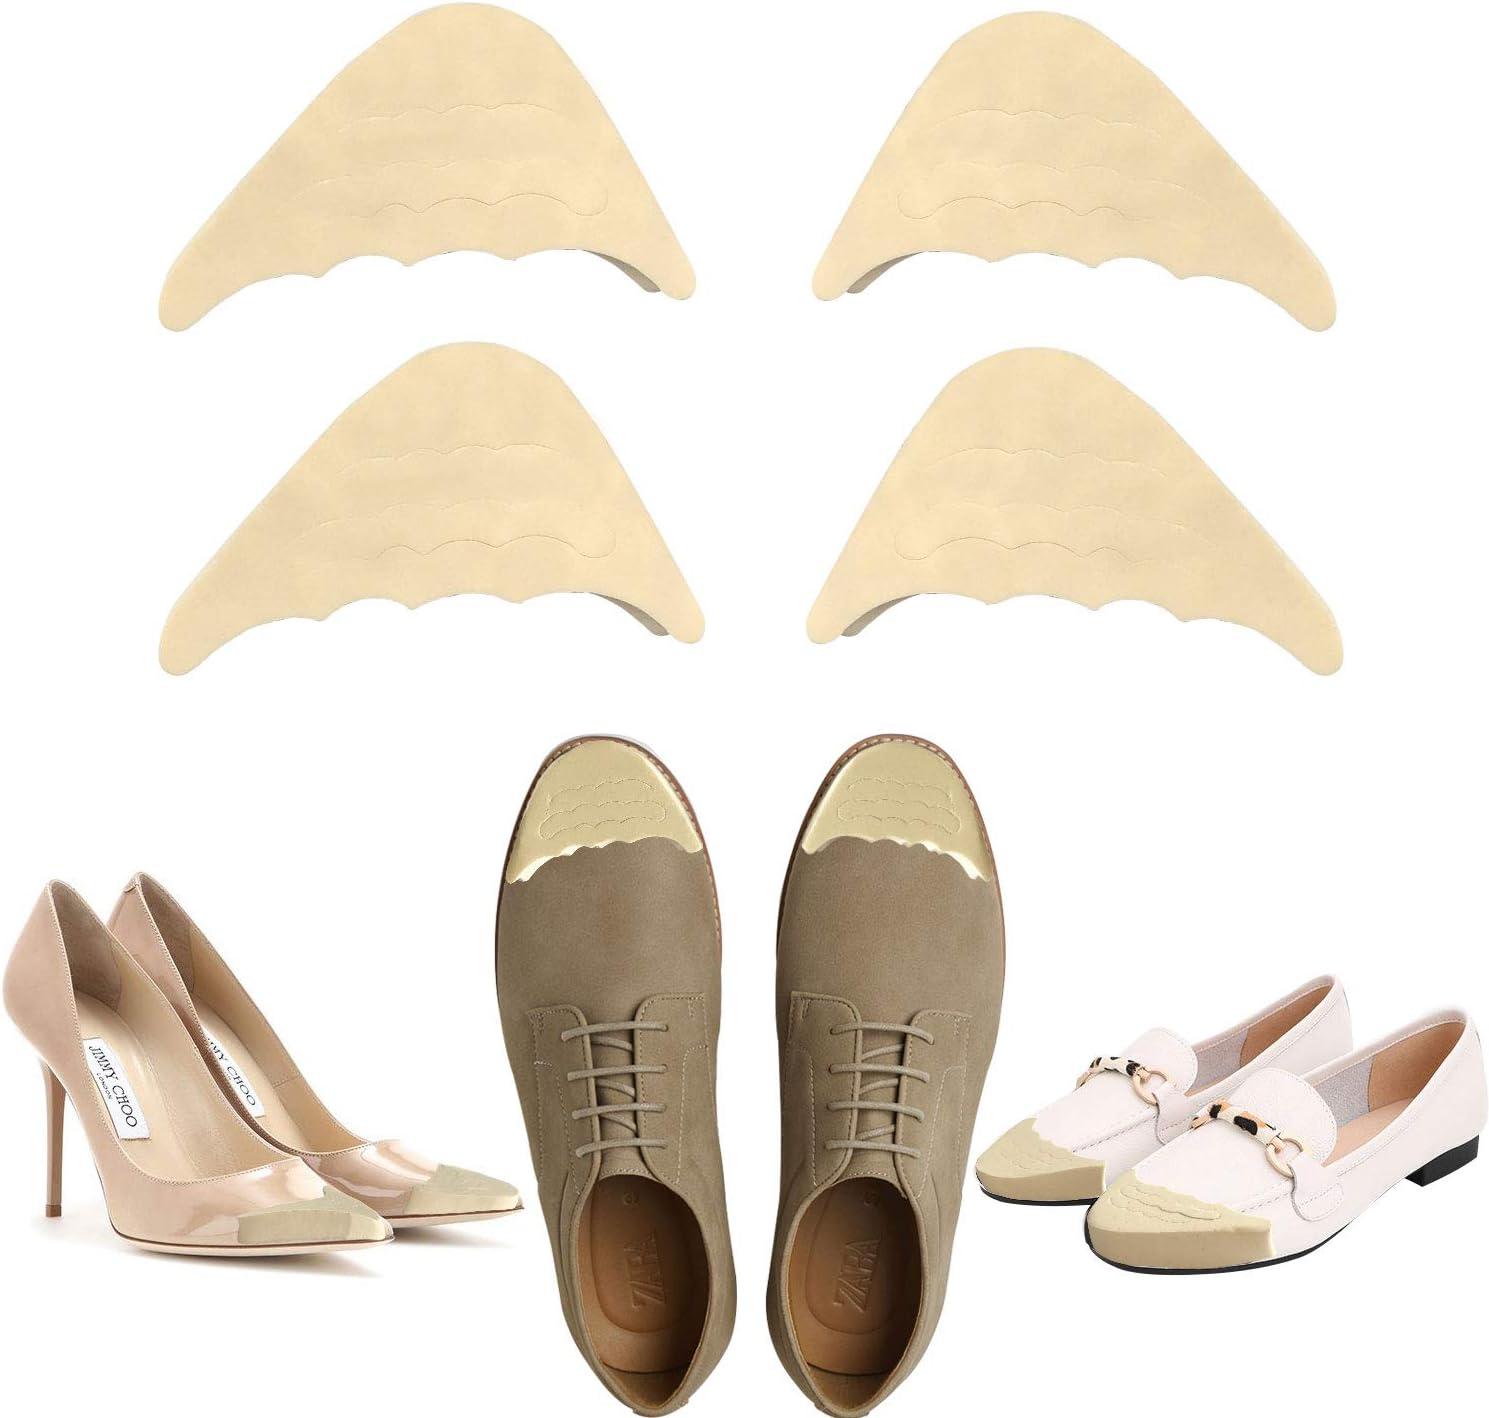 Shoe Filler, Toe Filler \u0026 Shoe Inserts